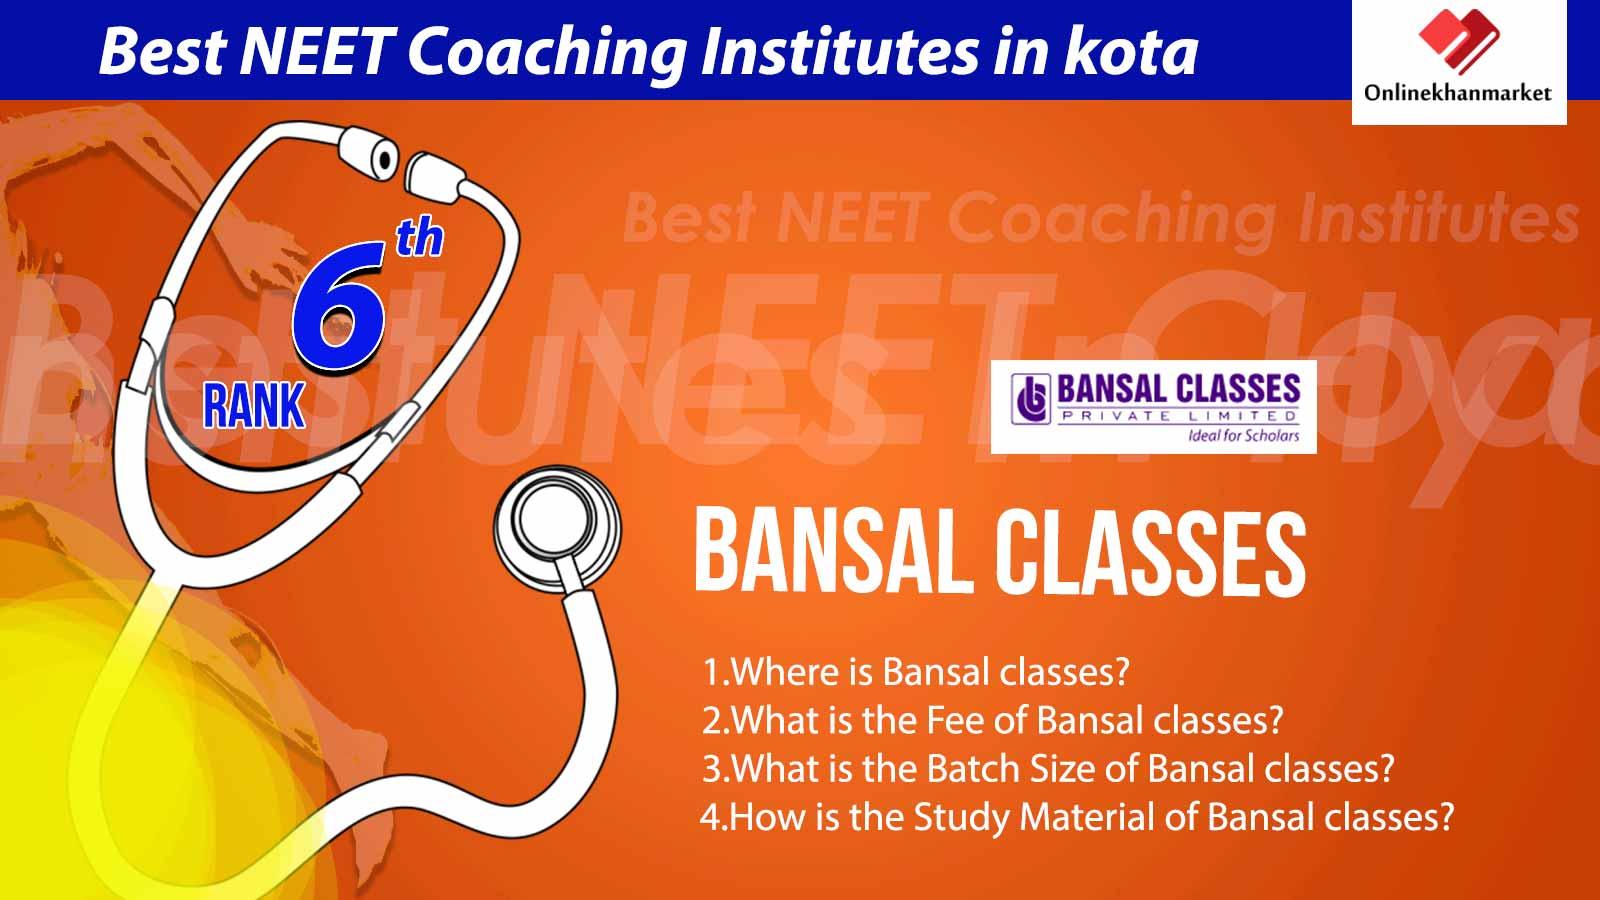 Top Neet Coaching in Kota